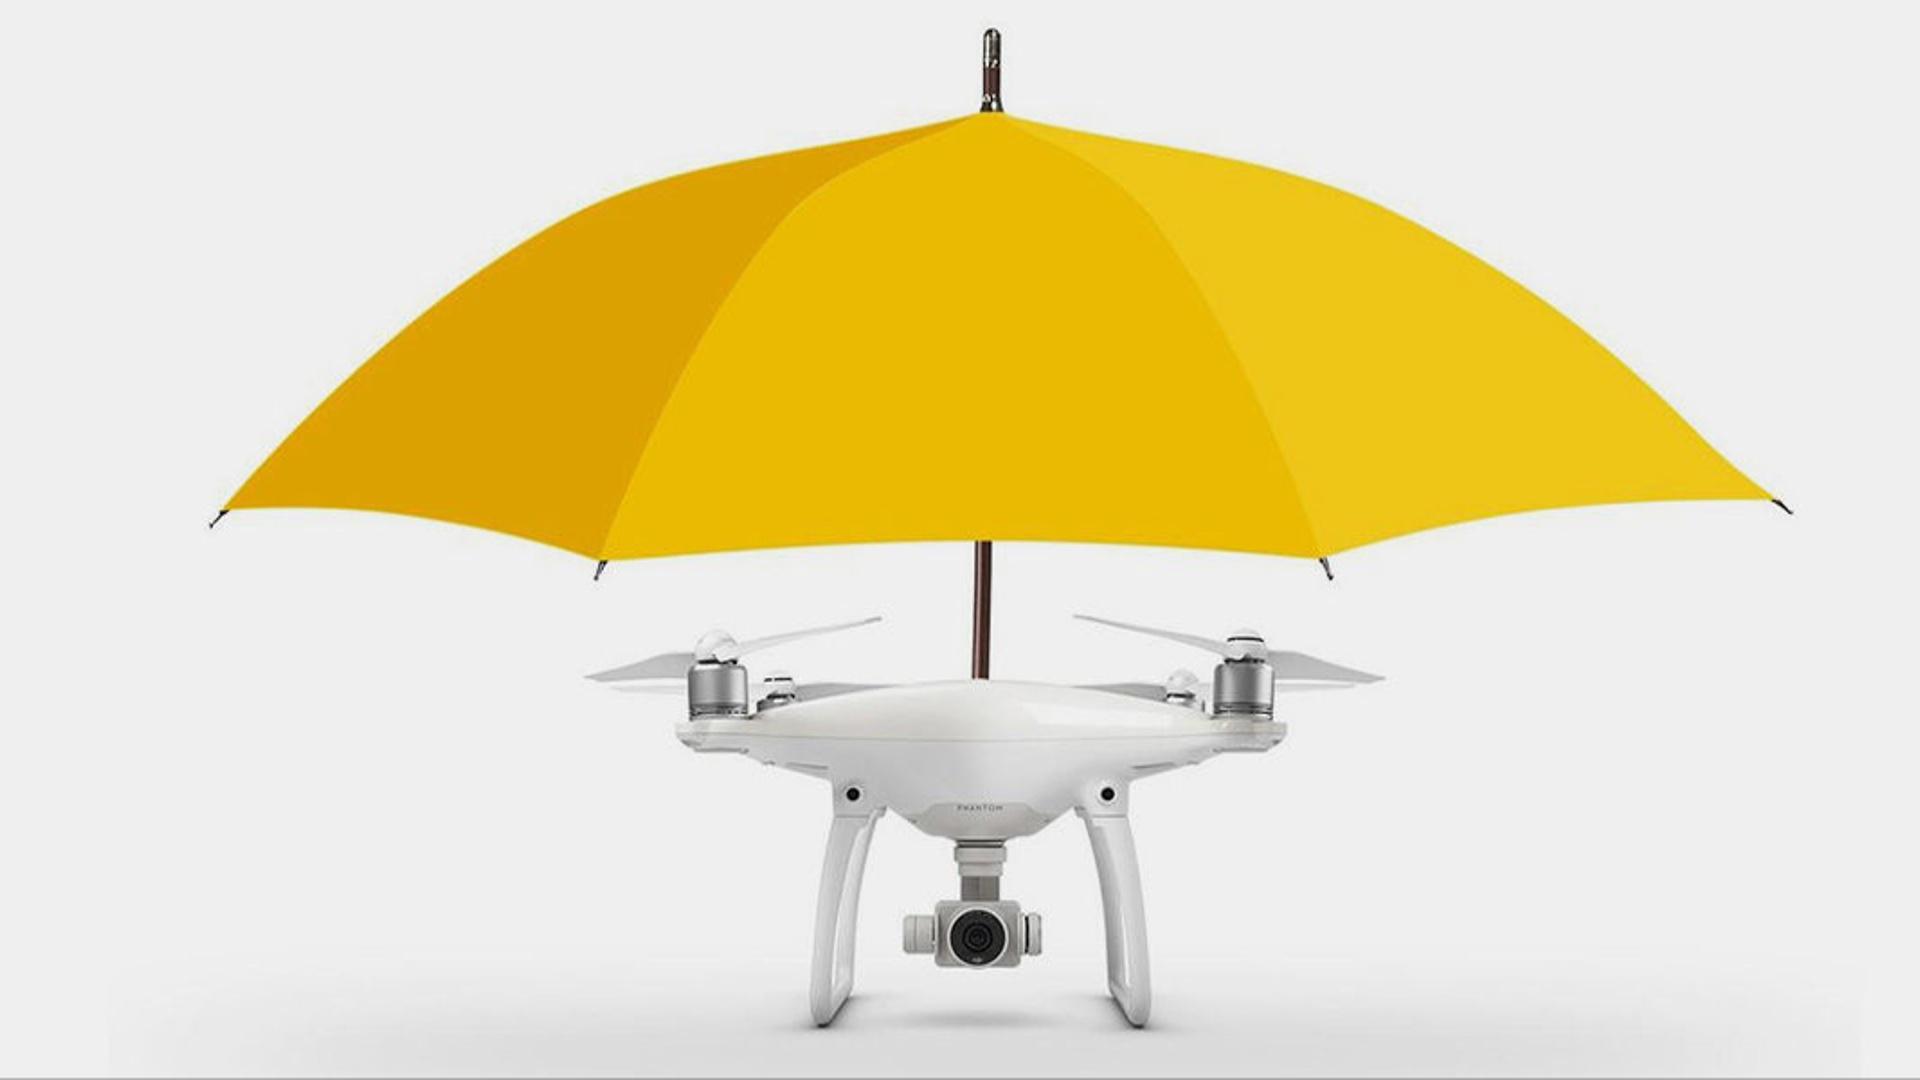 Dron-çətir istifadəçini izləyərək yağış və günəşdən qoruyur